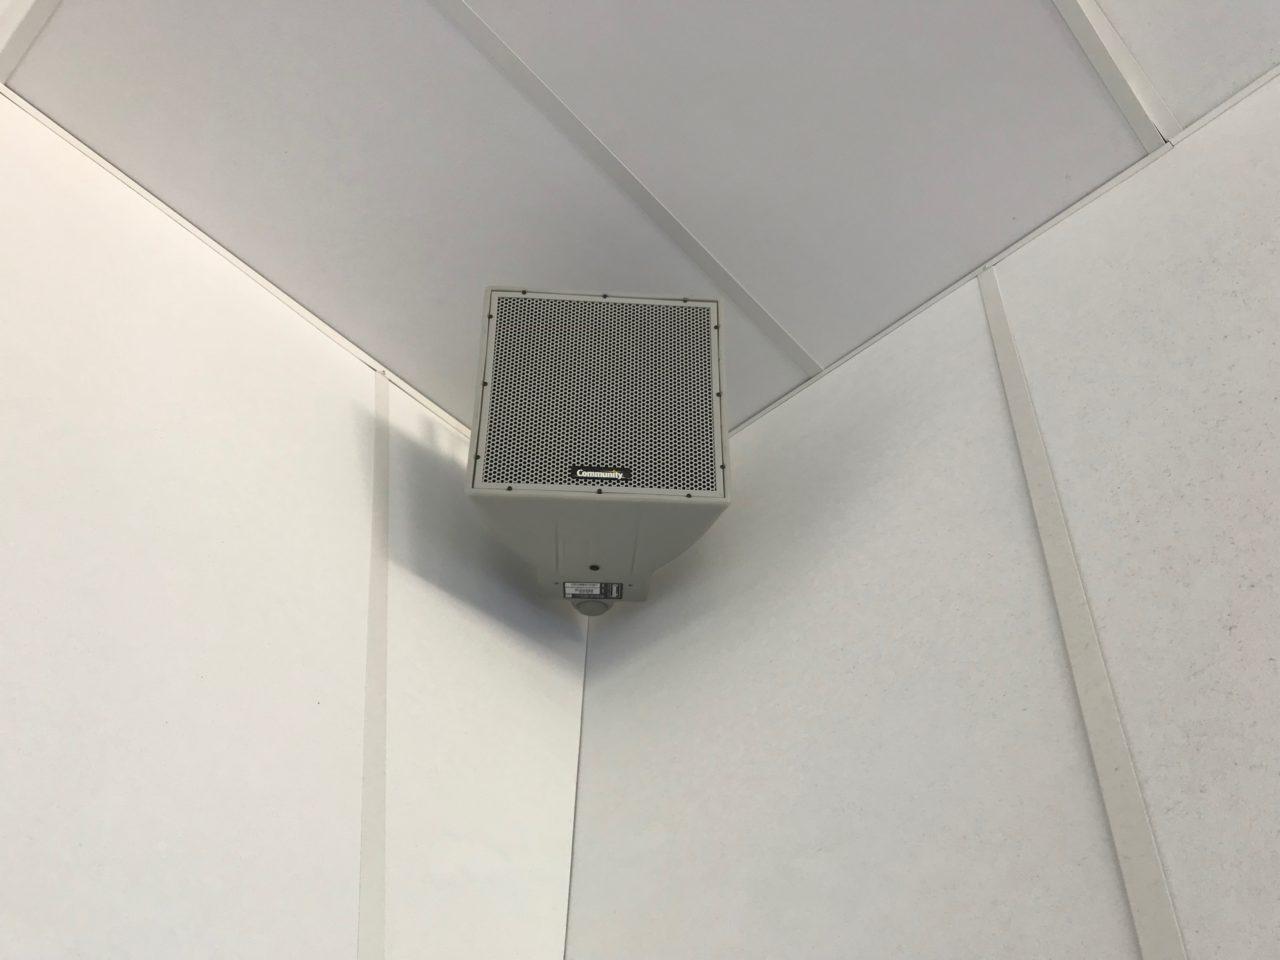 Square Corner Ceiling Stereo Speaker On Wall